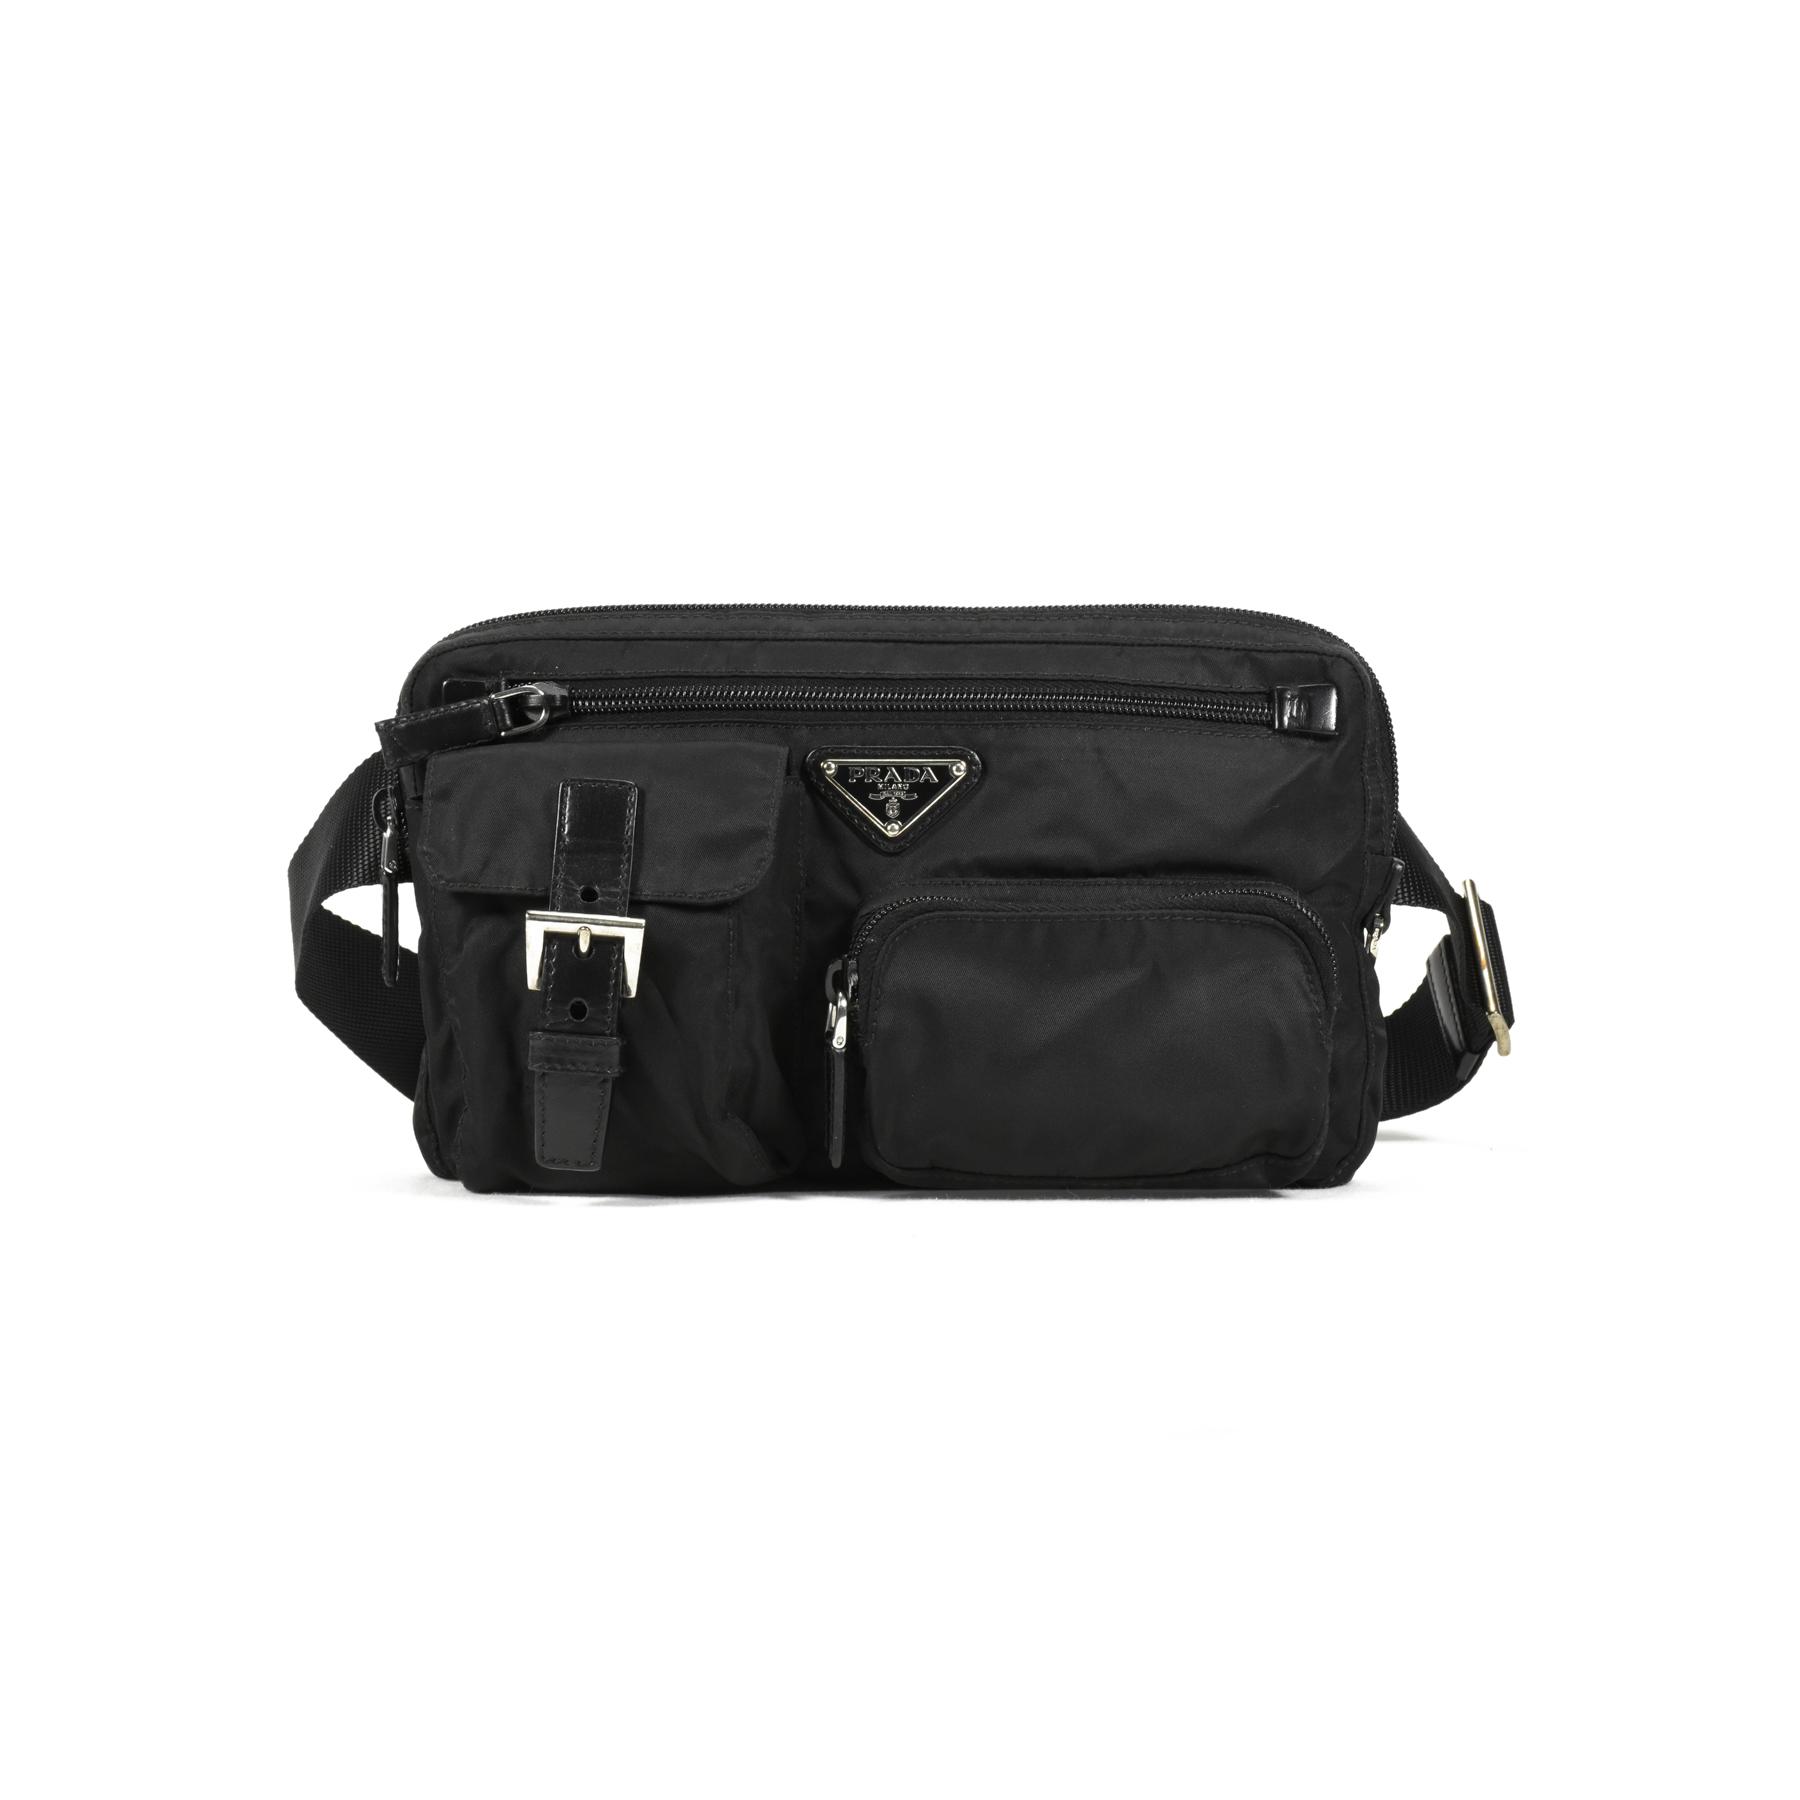 Authentic Second Hand Prada Nylon Belt Bag (PSS-200-00892)  8e617c75945a6